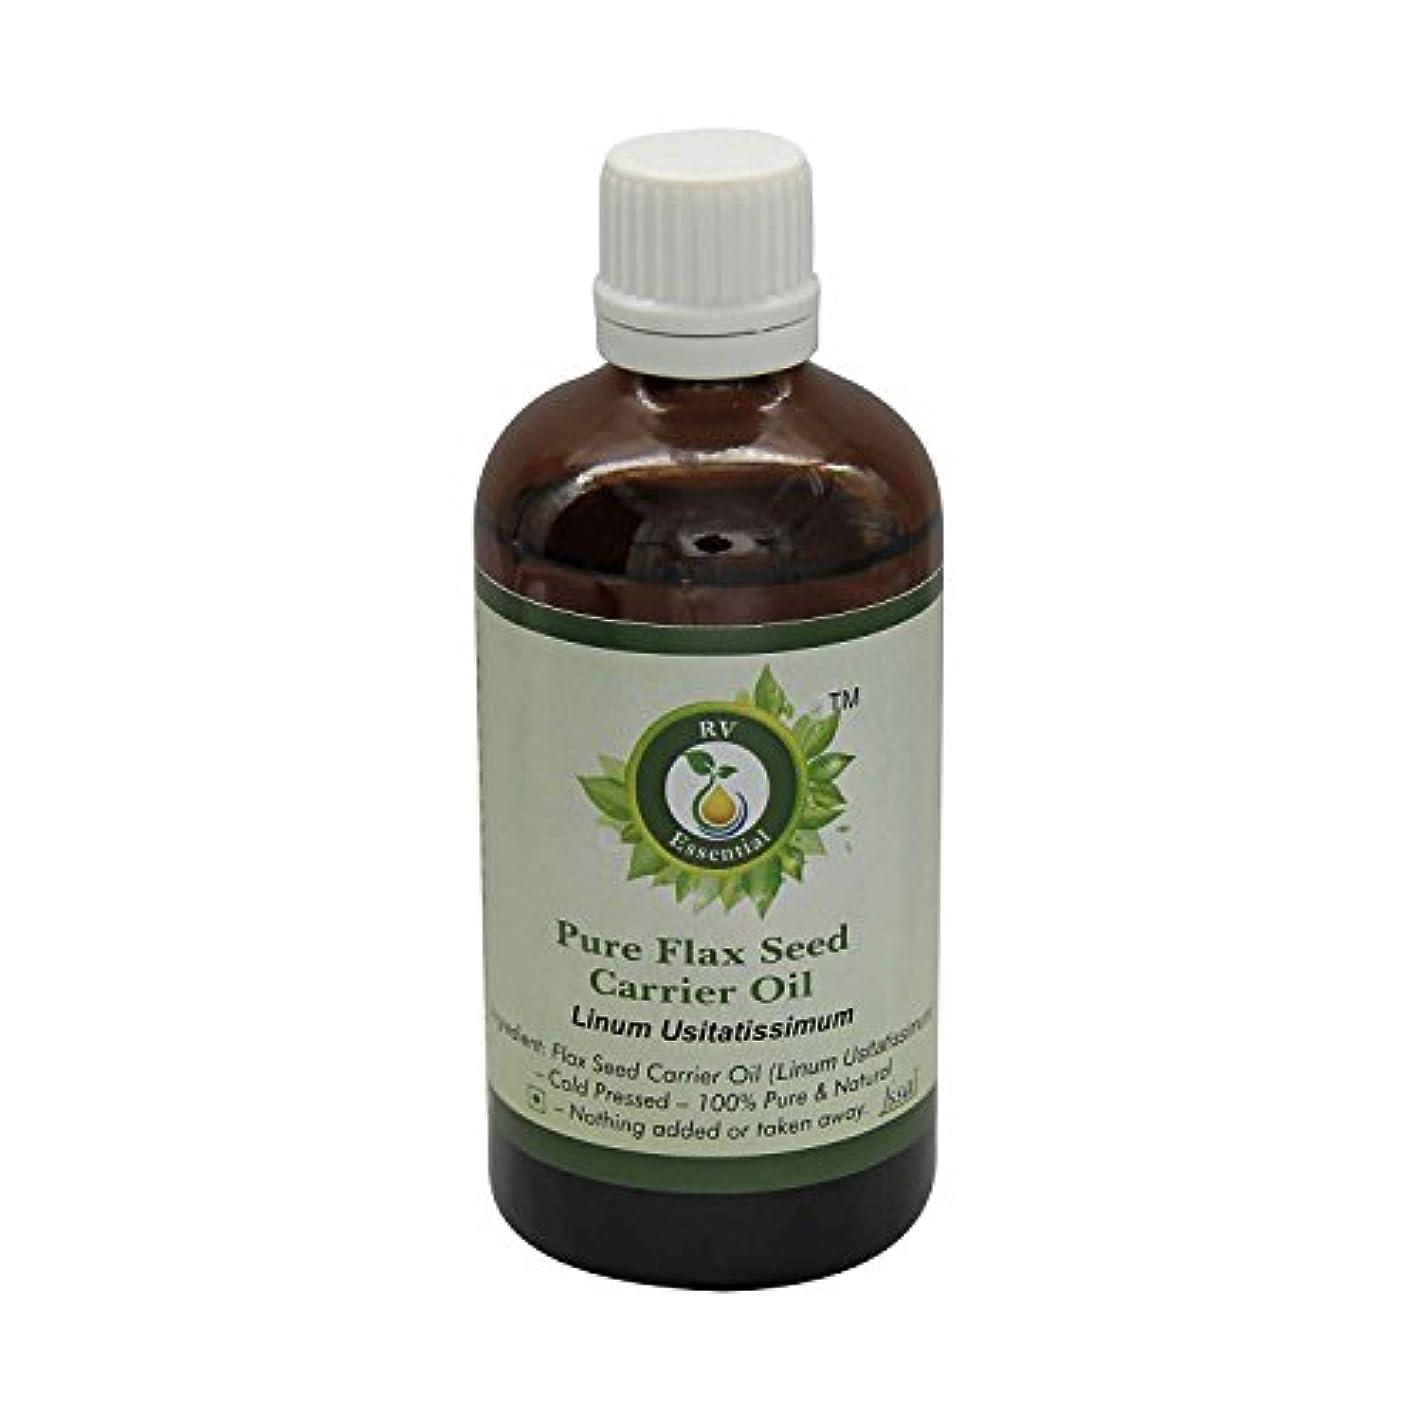 フラグラント認知傷つけるR V Essential 純粋な亜麻シードキャリアオイル50ml (1.69oz)- Linum Usitatissimum (100%ピュア&ナチュラルコールドPressed) Pure Flax Seed Carrier...